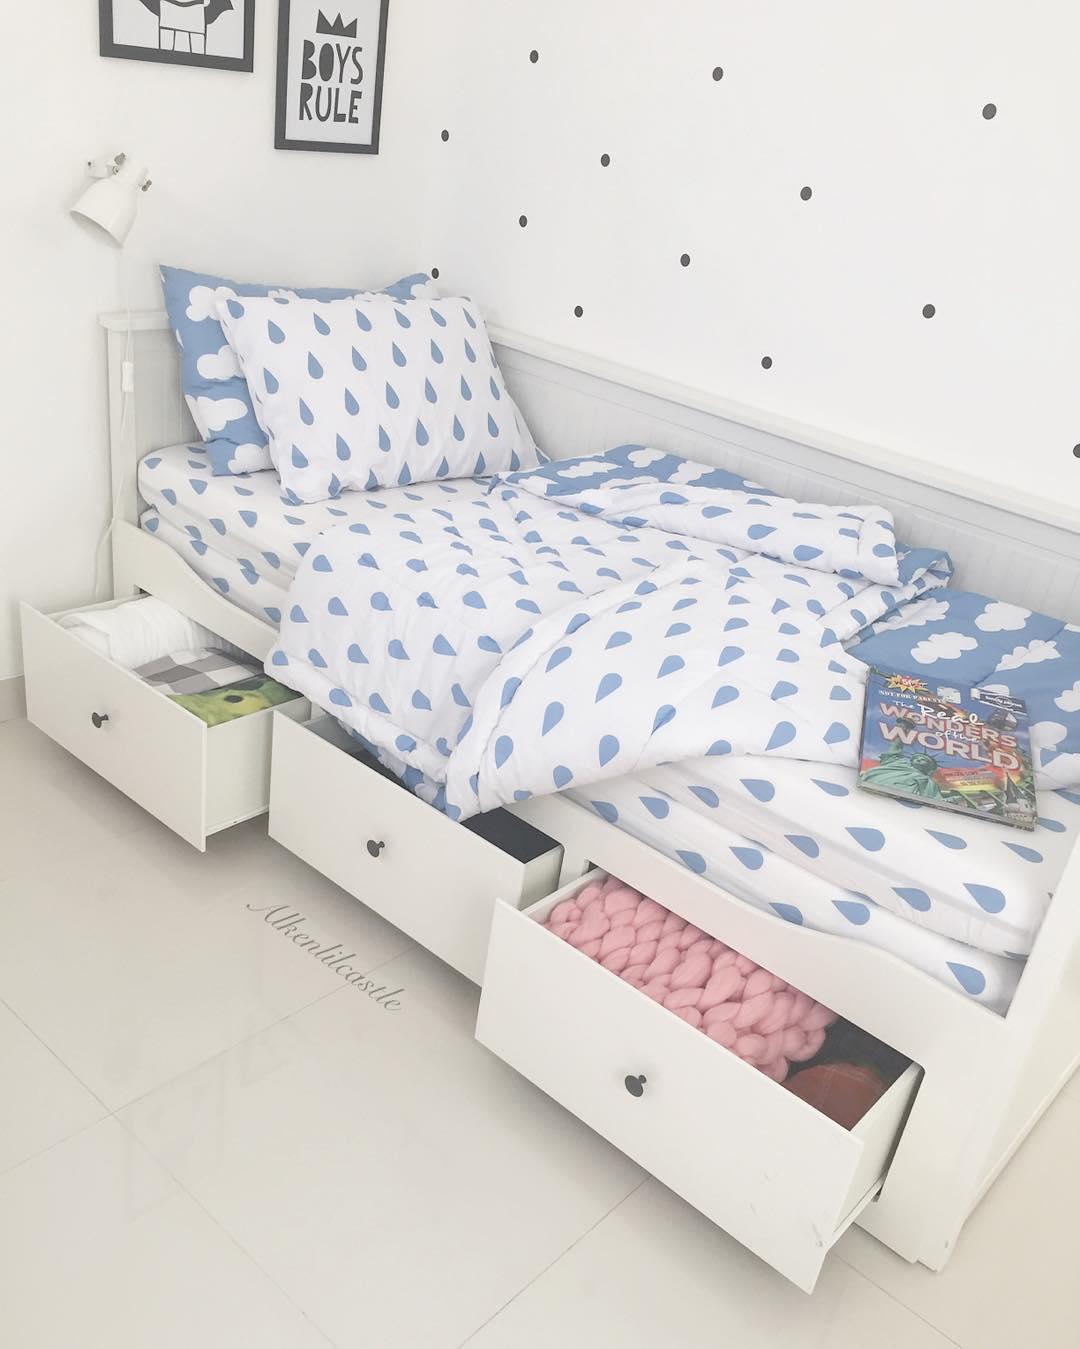 40 desain kamar tidur sederhana tapi unik keren terbaru 2019 | dekor